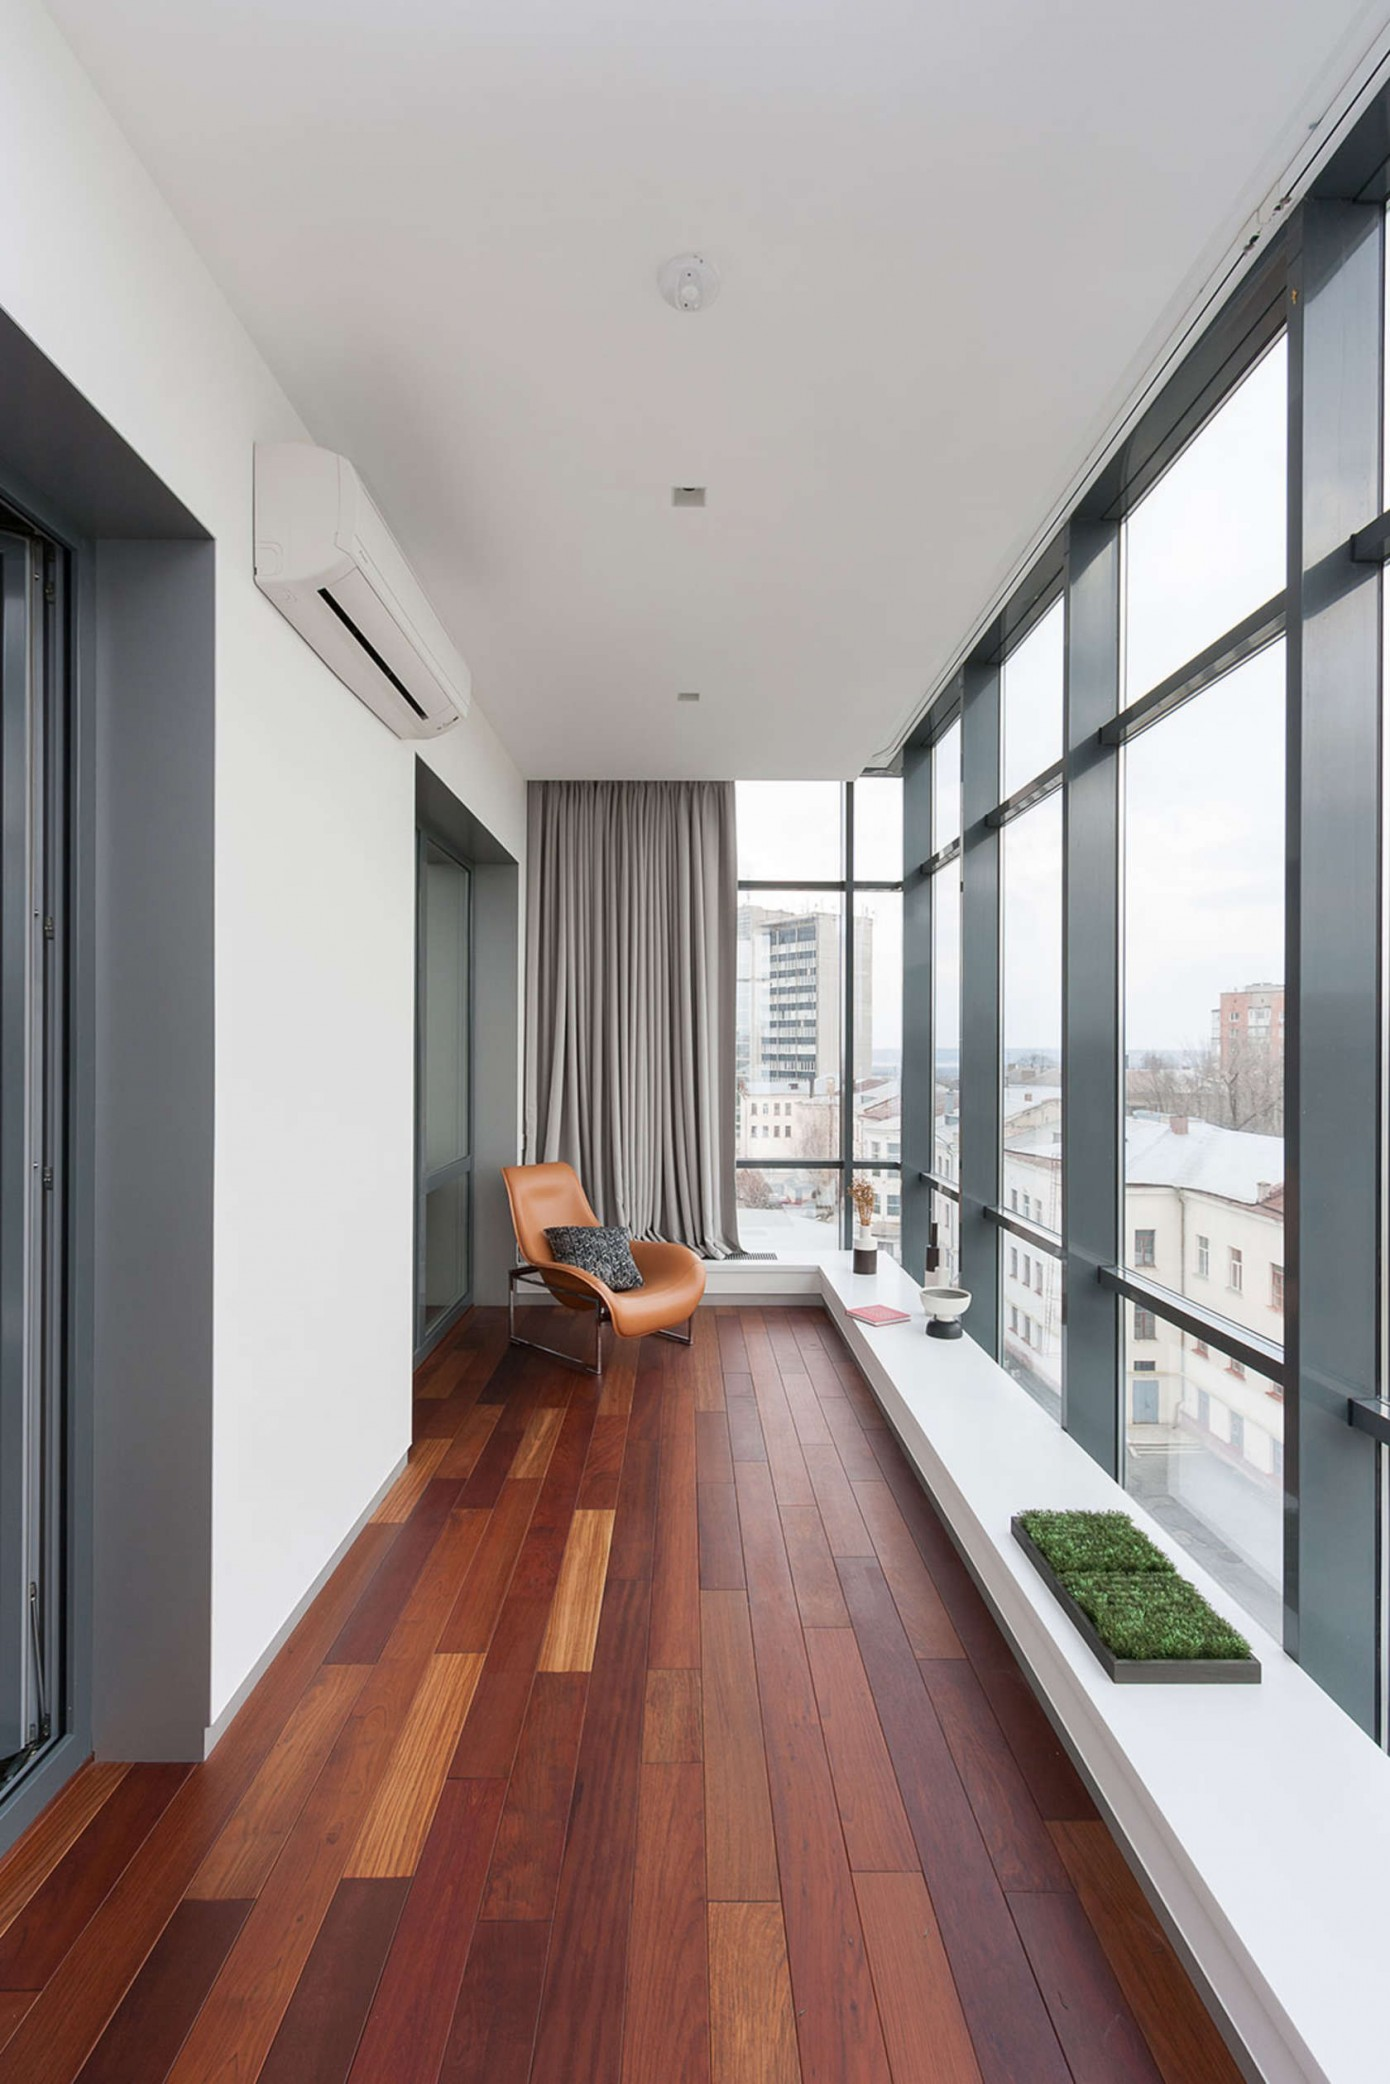 Дизайн балкона: идеи, интересные решения, фото - 23 фото - m.